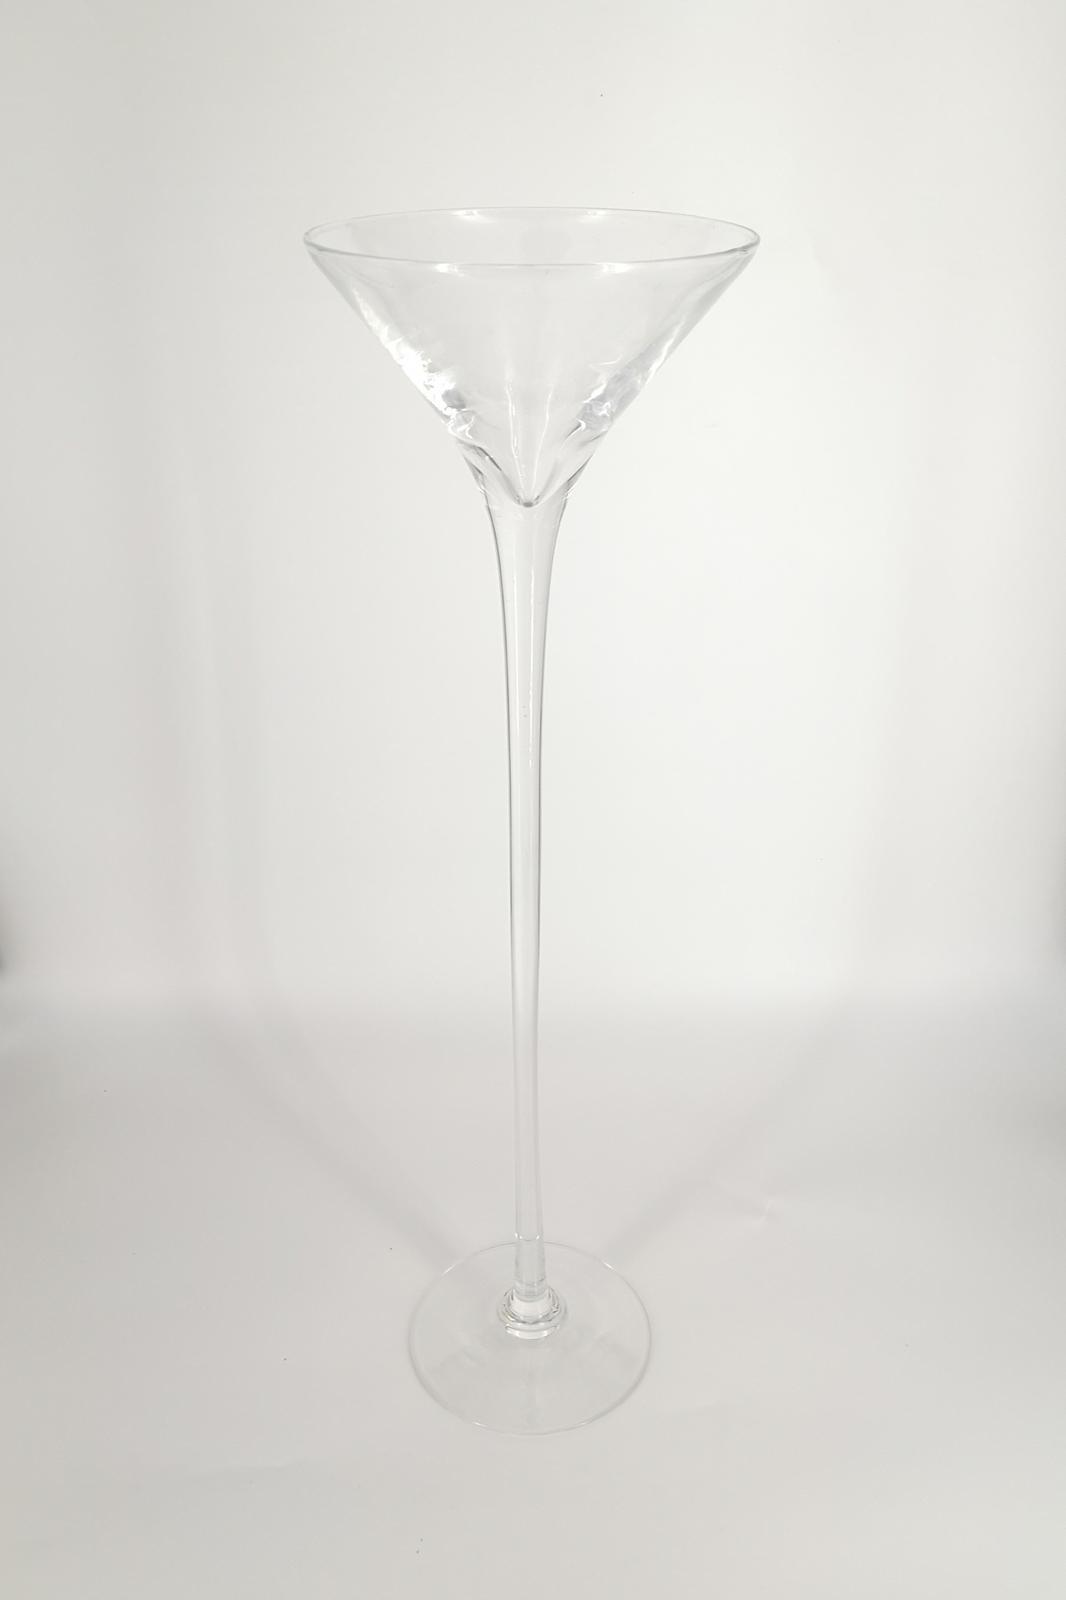 Prenájom - Martini váza 60 cm - Obrázok č. 2